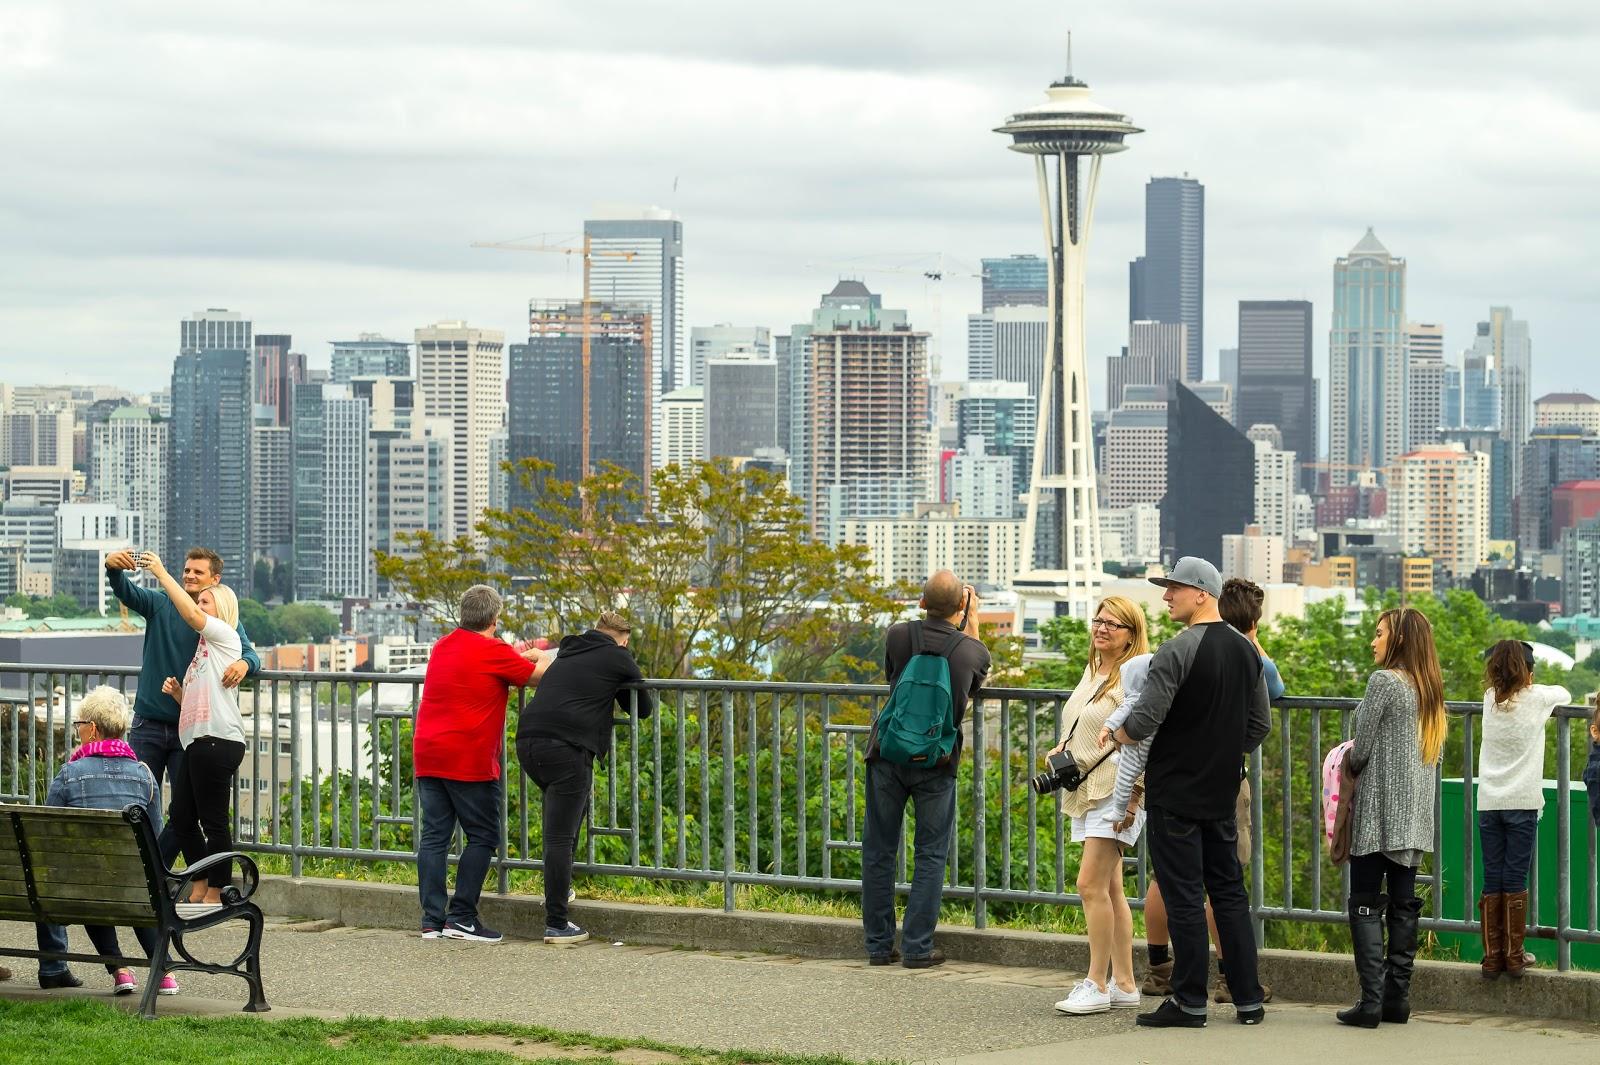 Парк Кэрри - любимое место фотографов в Сиэтле. Большинство фотографий города сделано именно отсюда.